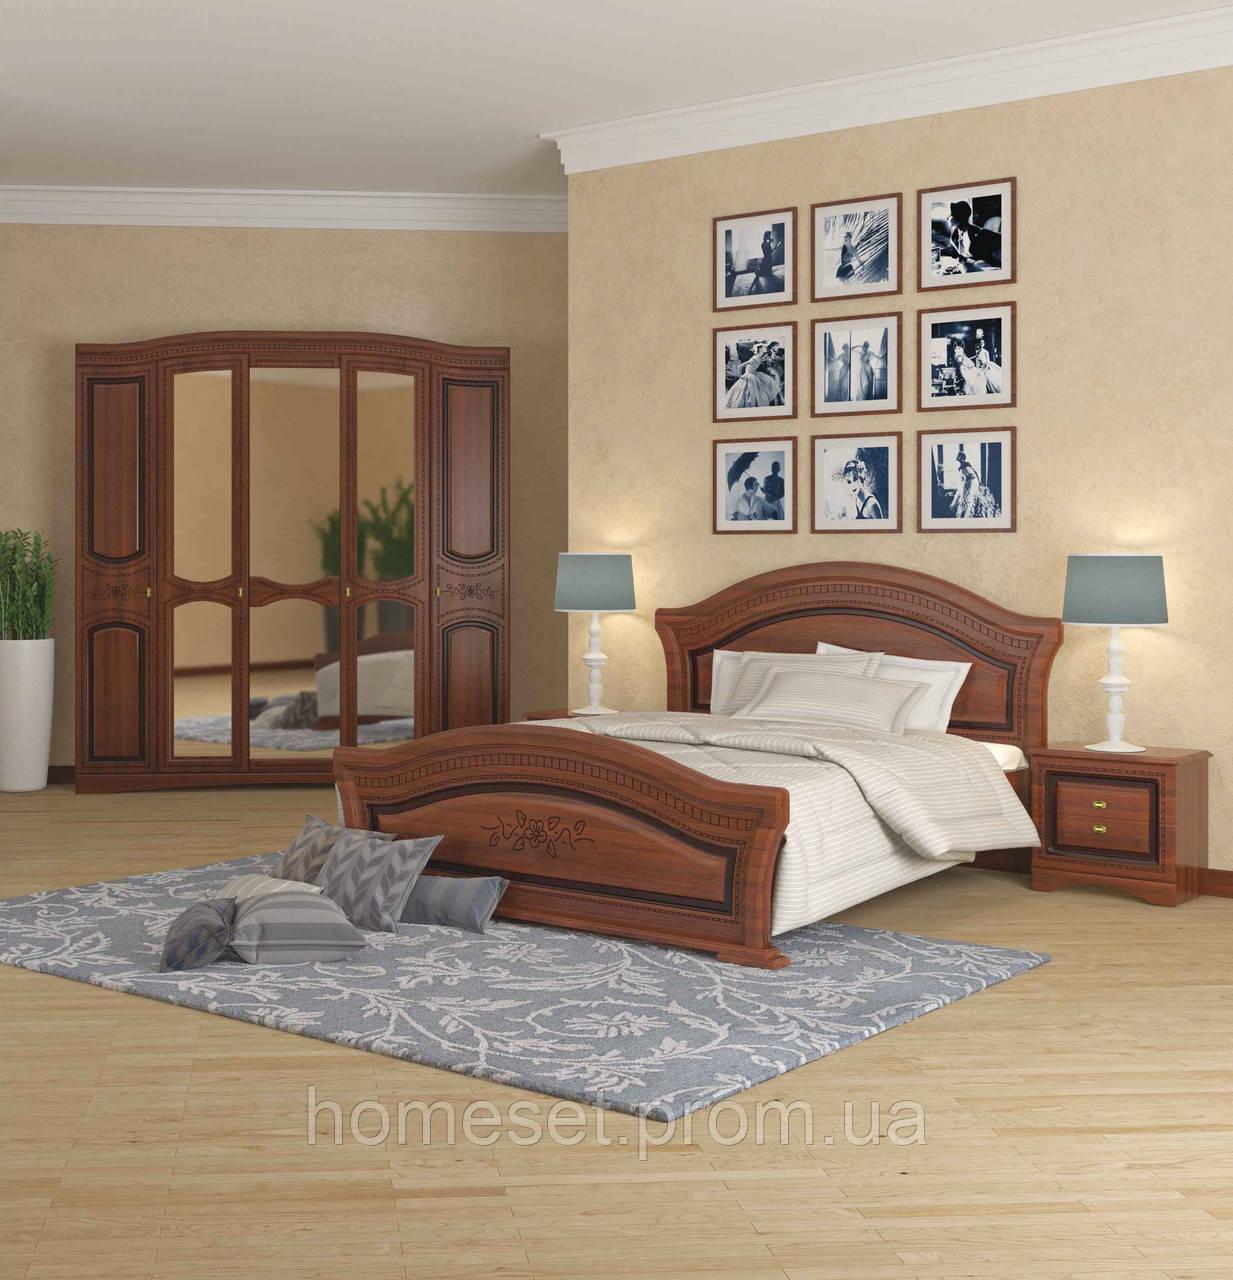 Cпальня Венера Люкс